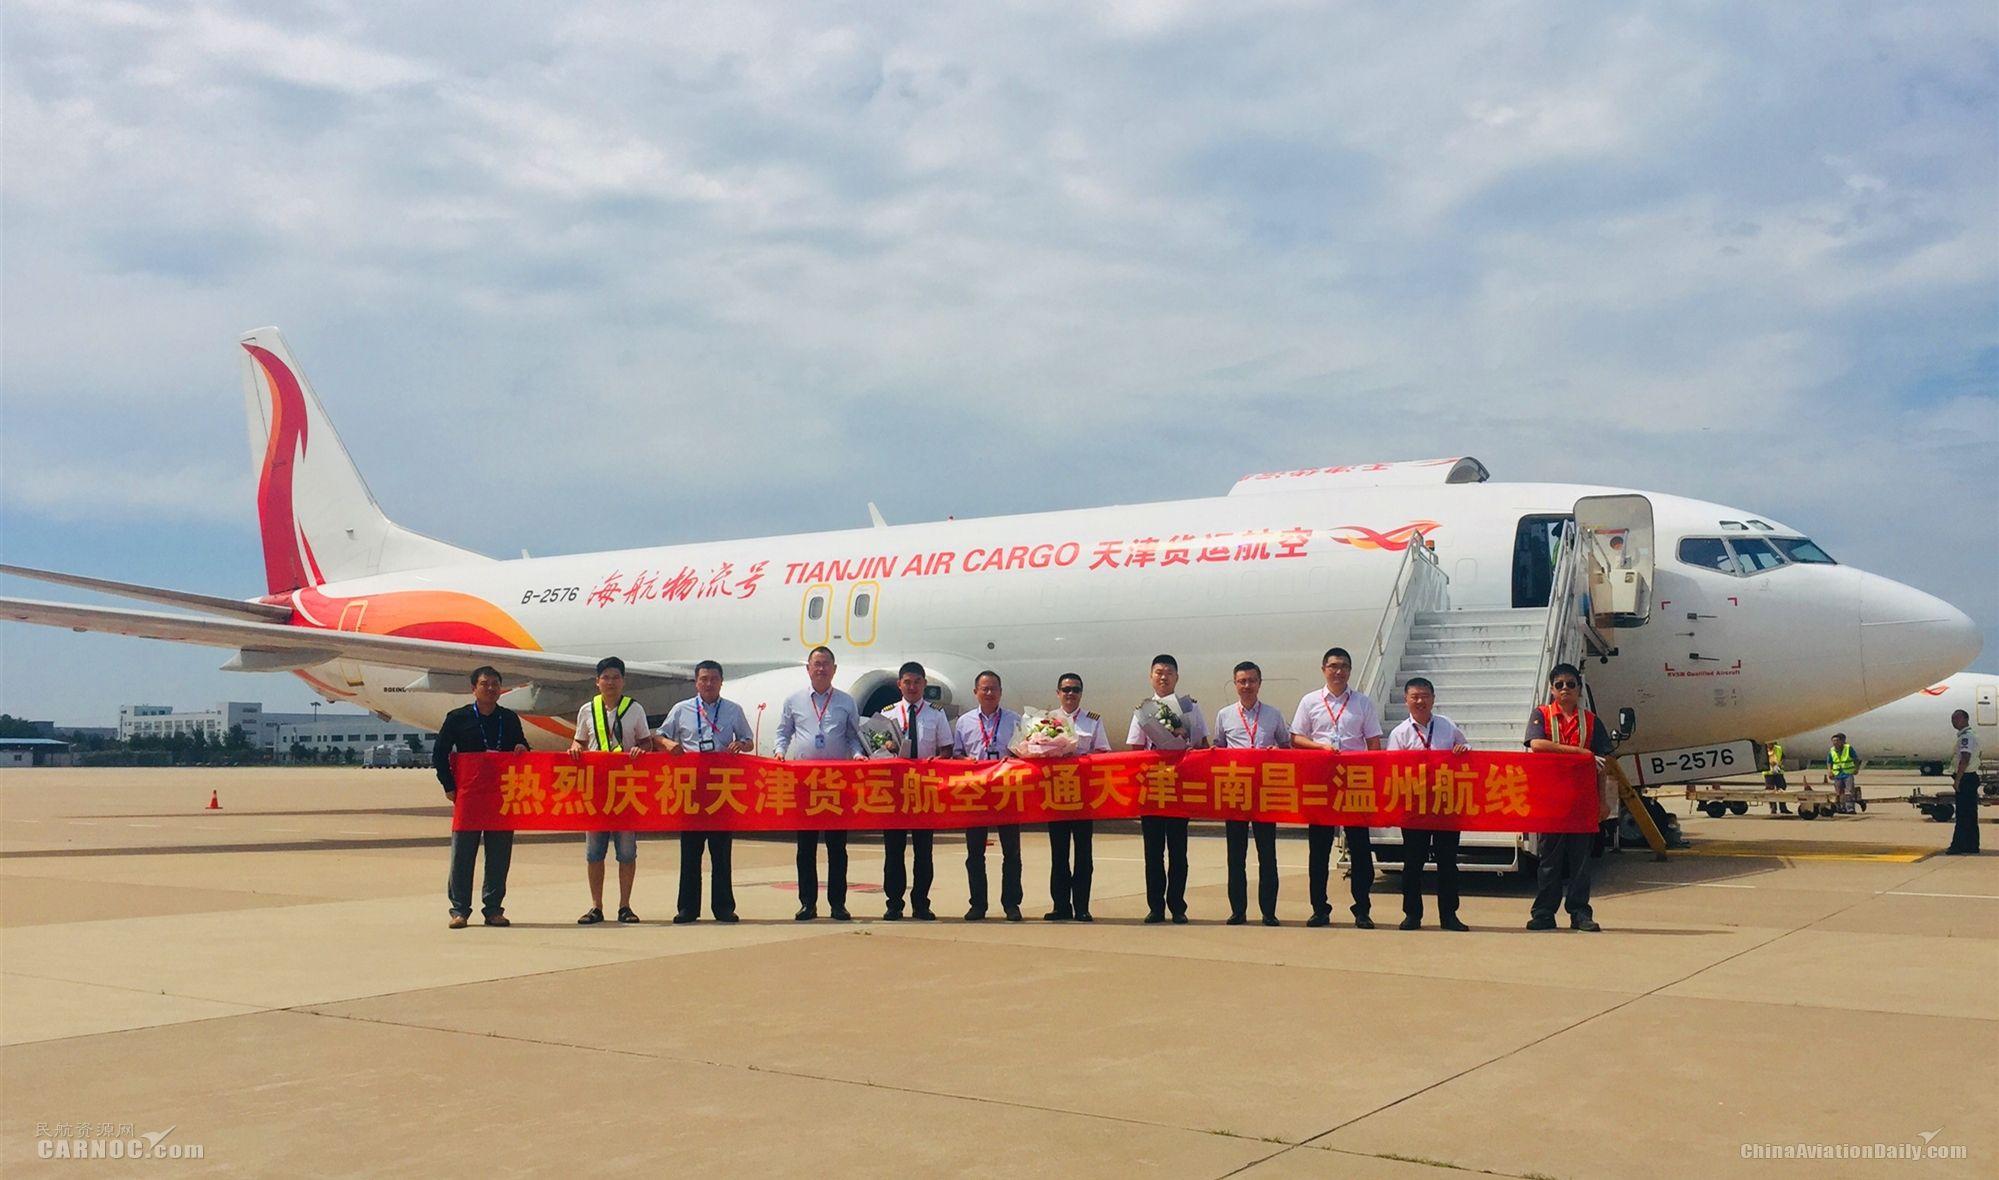 天津货运航空开通天津=南昌=温州全货机航线